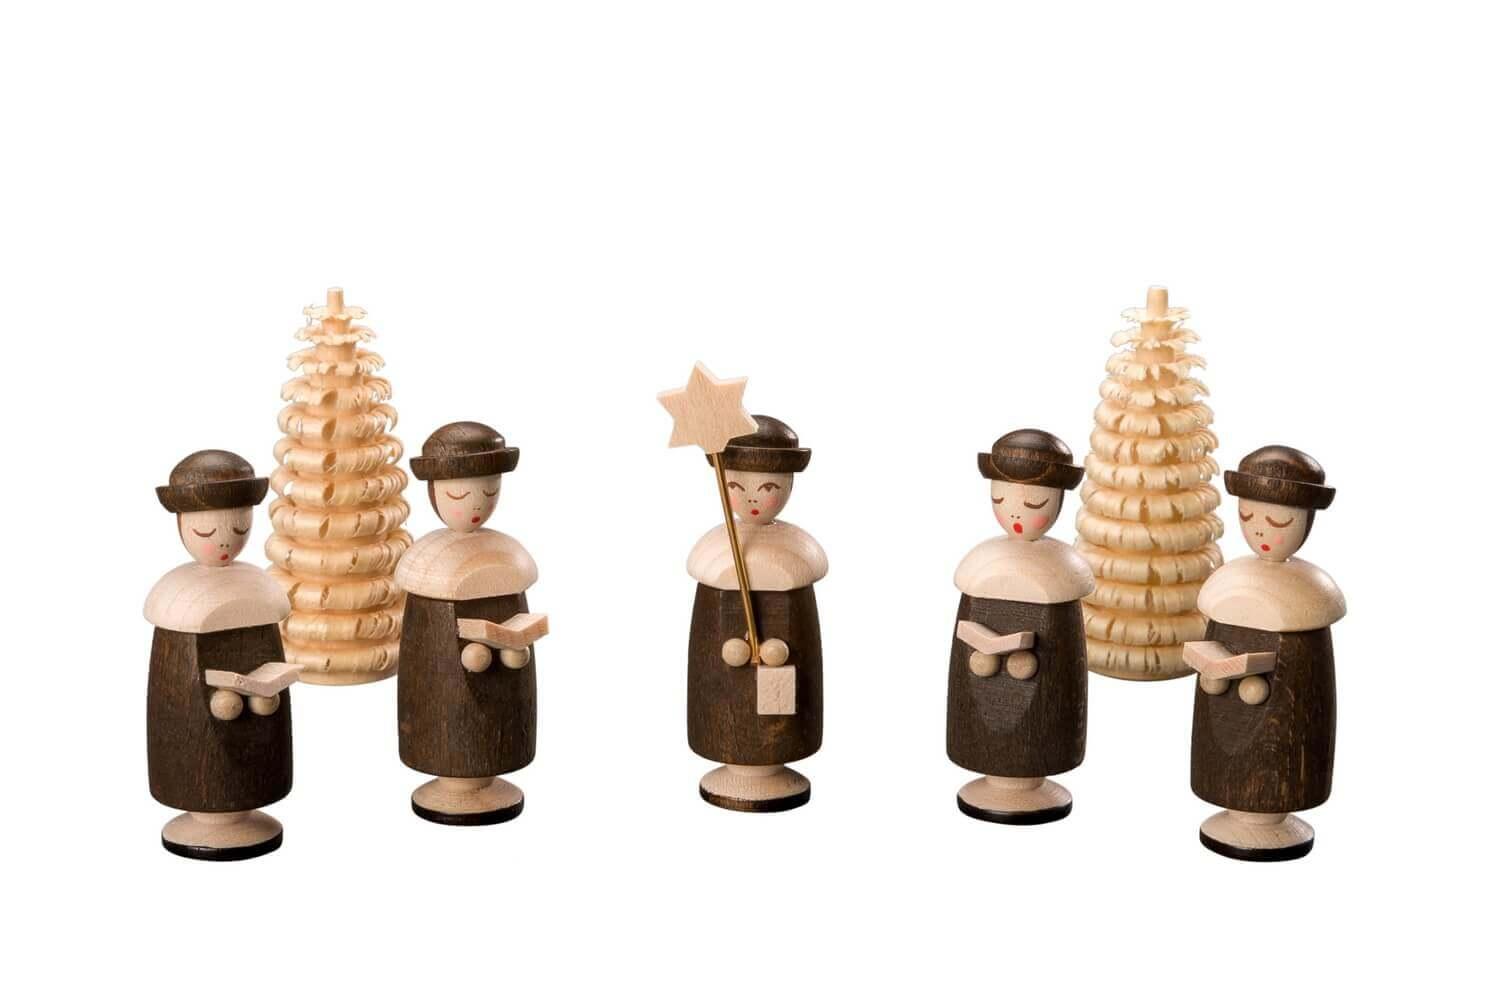 Albin Preißler Kurrendefiguren mit Hut, 5 Stück und 2 Ringelbäumchen, natur